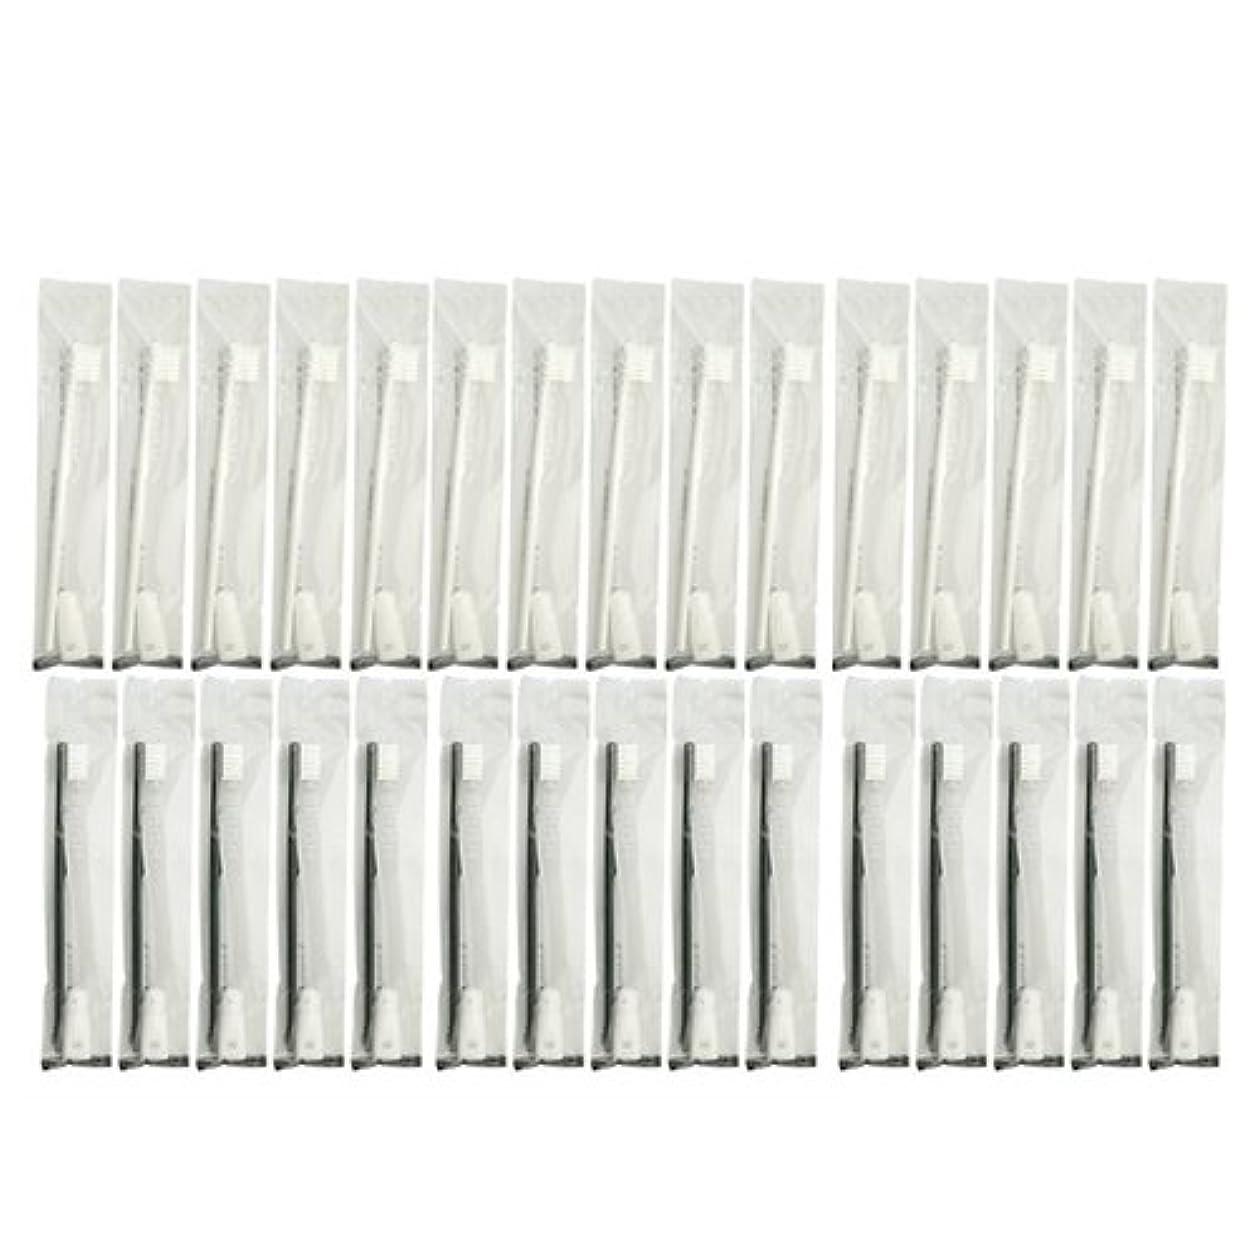 振る環境保護主義者約設定業務用 使い捨て歯ブラシ チューブ歯磨き粉(3g)付き アソート 30本 (ブラック15本/ホワイト15本)セット│ホテルアメニティ 個包装タイプ